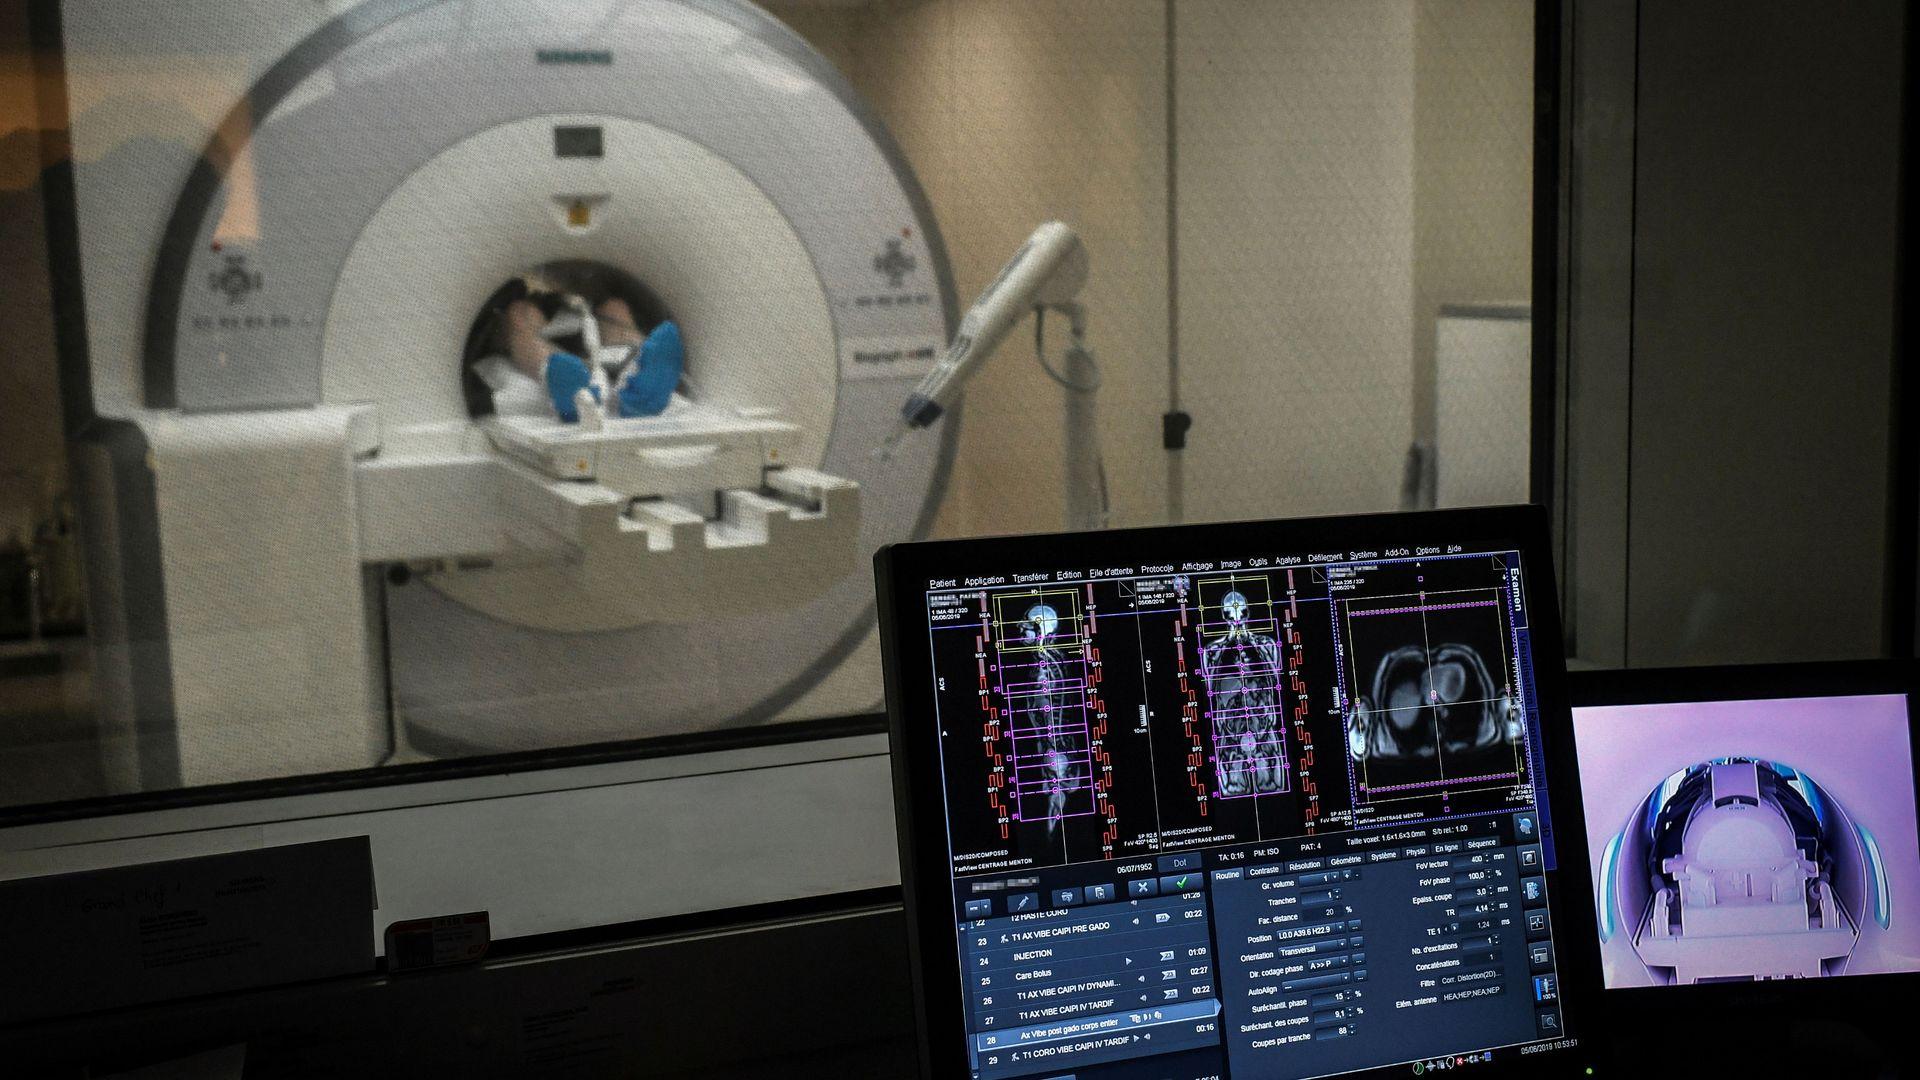 A patient receiving an MRI scan